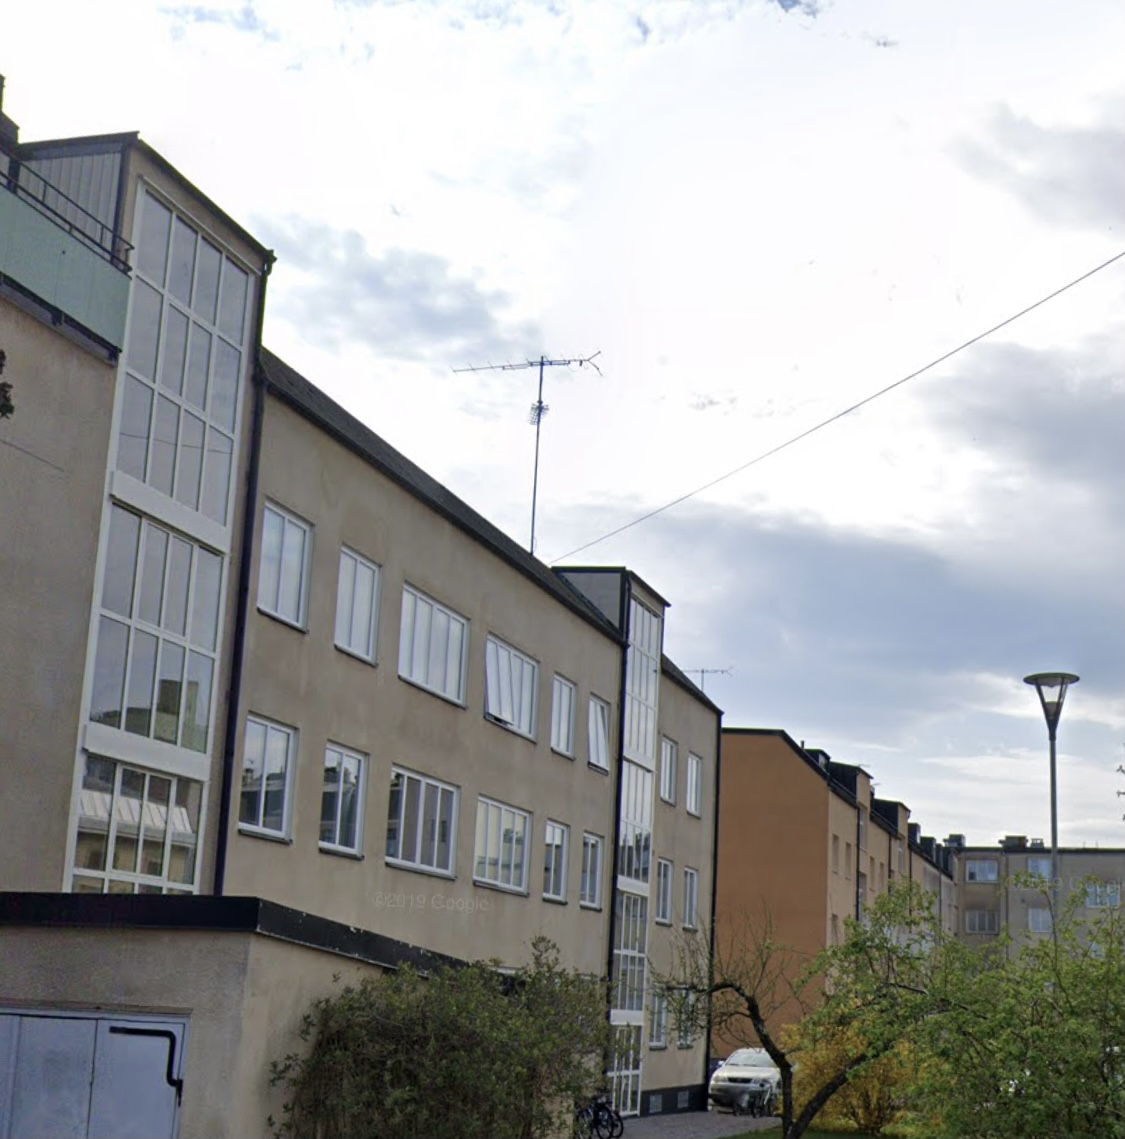 Ledig lägenhet i Vänersborg